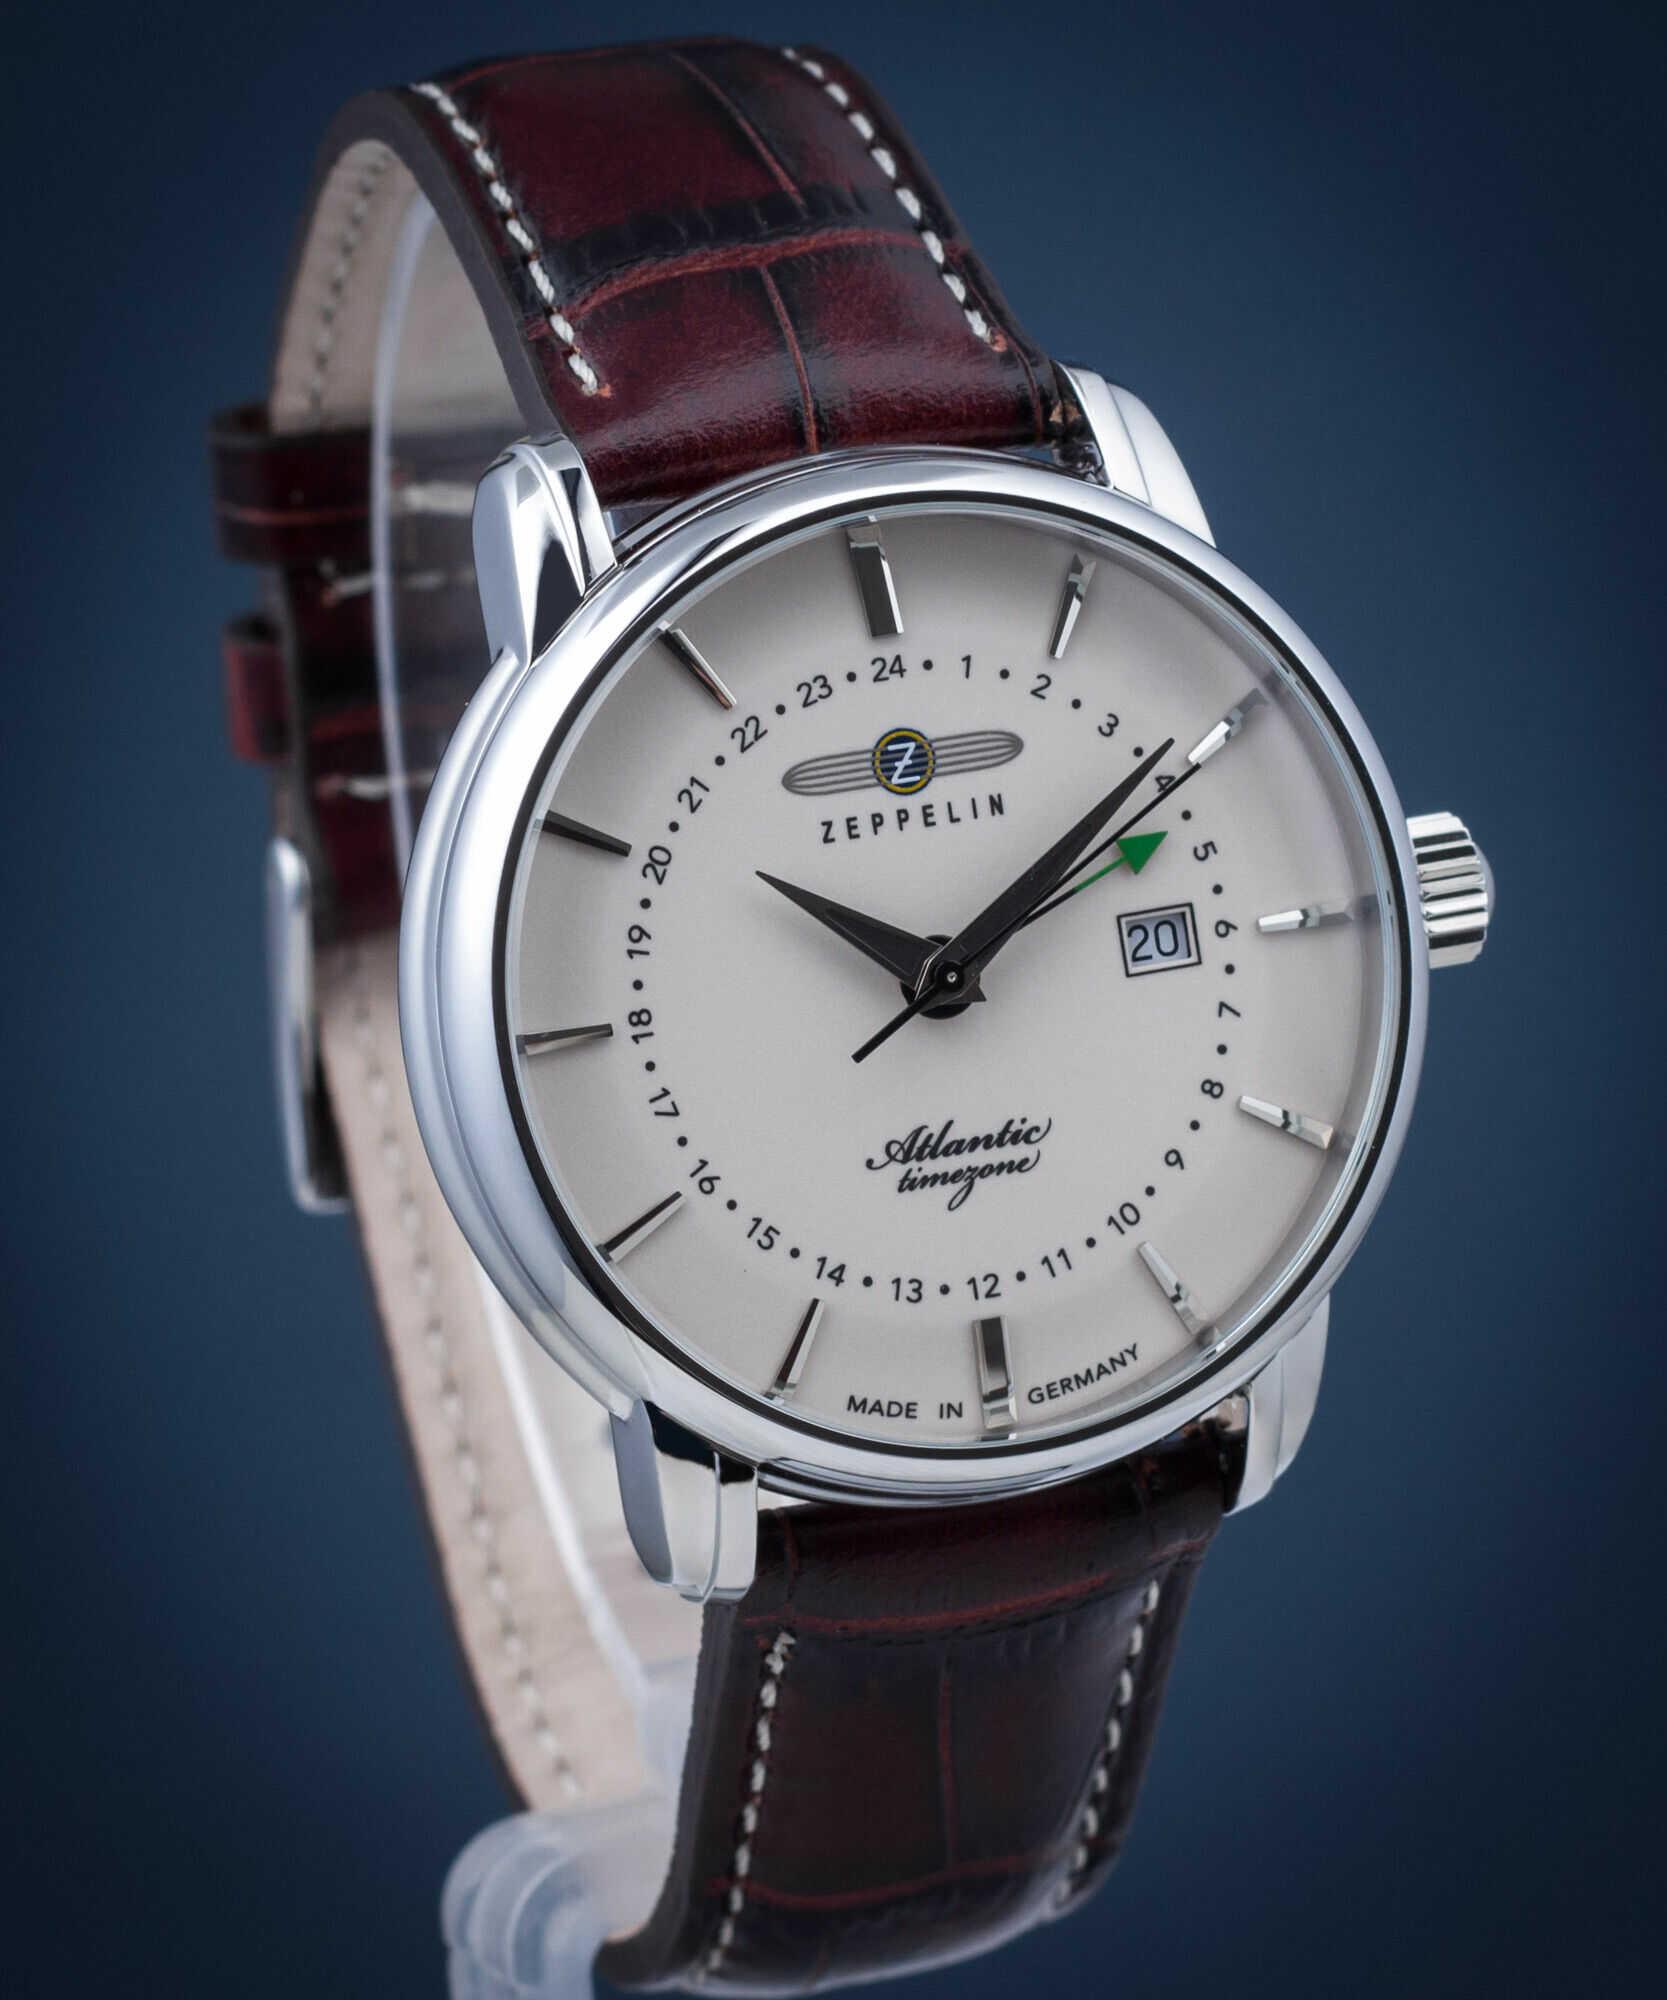 Zegarek męski Zeppelin Atlantic Timezone